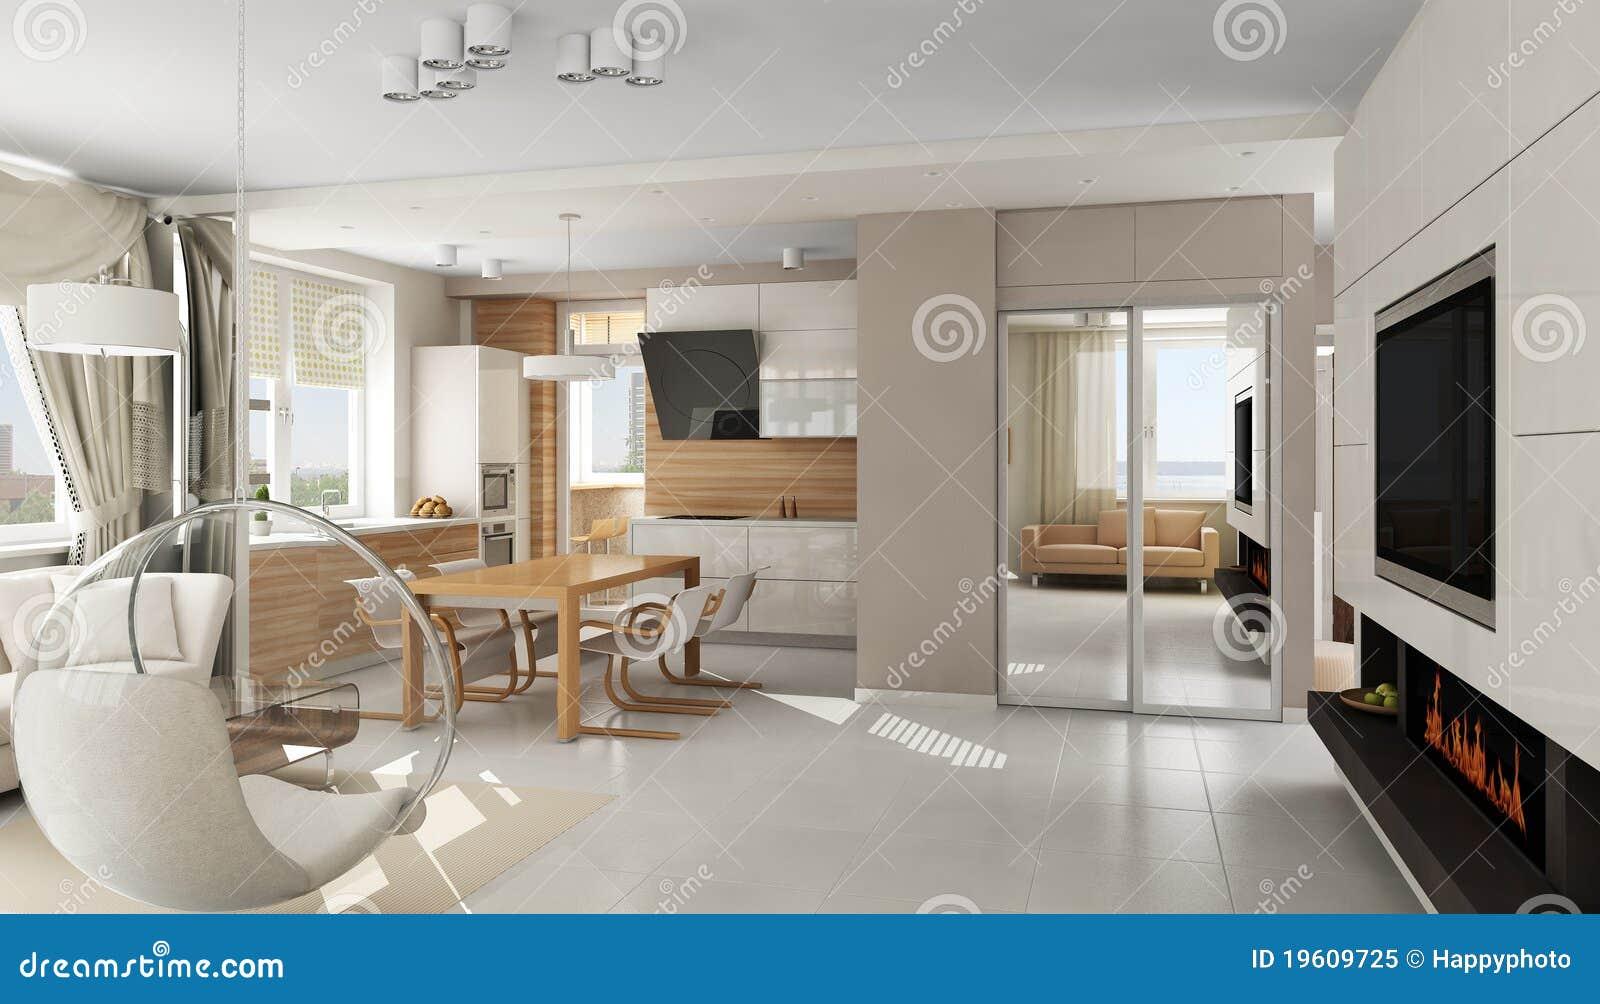 Interiore dell 39 appartamento di lusso moderno illustrazione for Immagini di appartamenti moderni